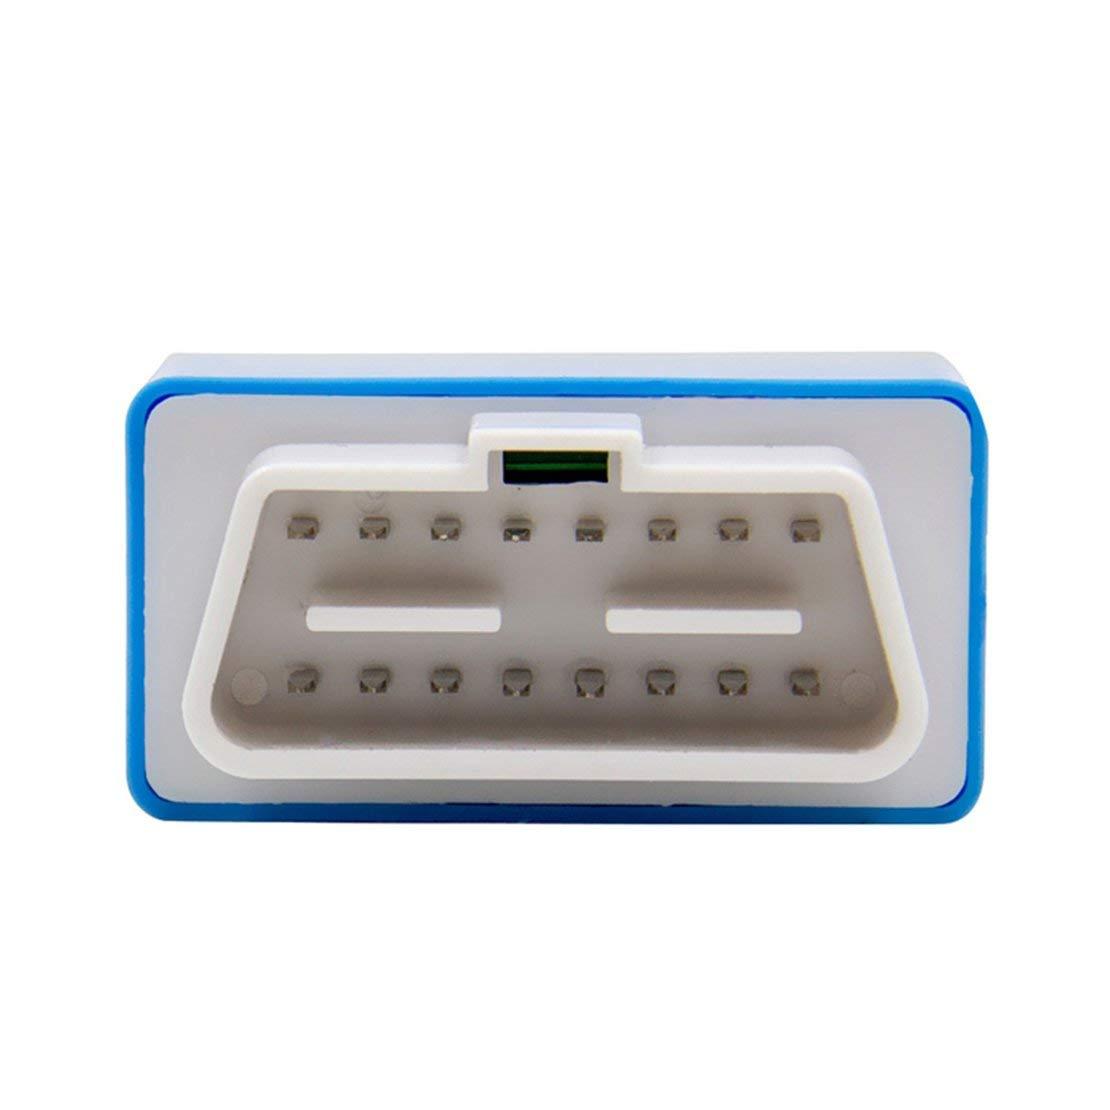 NITRO-OBD2 de una sola capa de placa PCB ahorrador de